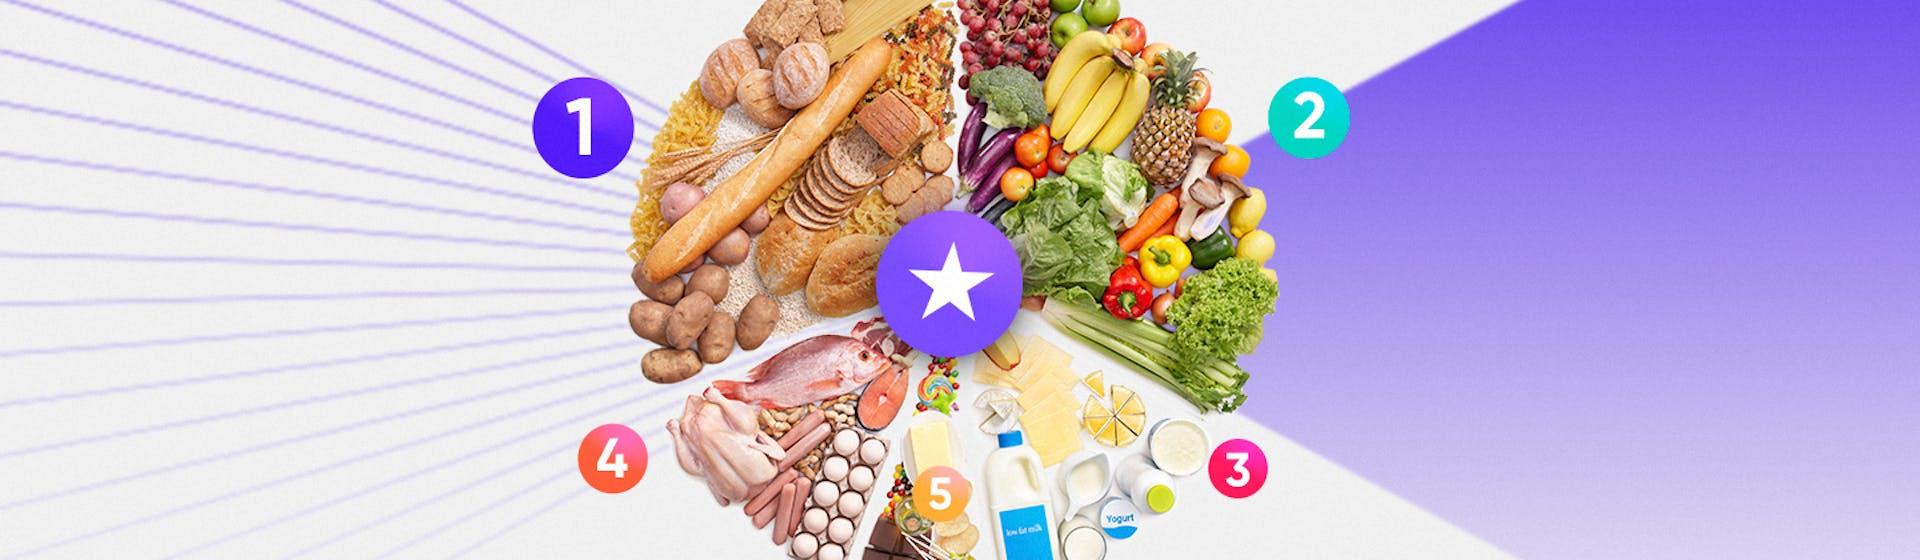 Diferentes tipos de comida: ¿por qué es indispensable mantener una dieta equilibrada con 5 grupos de alimentos?